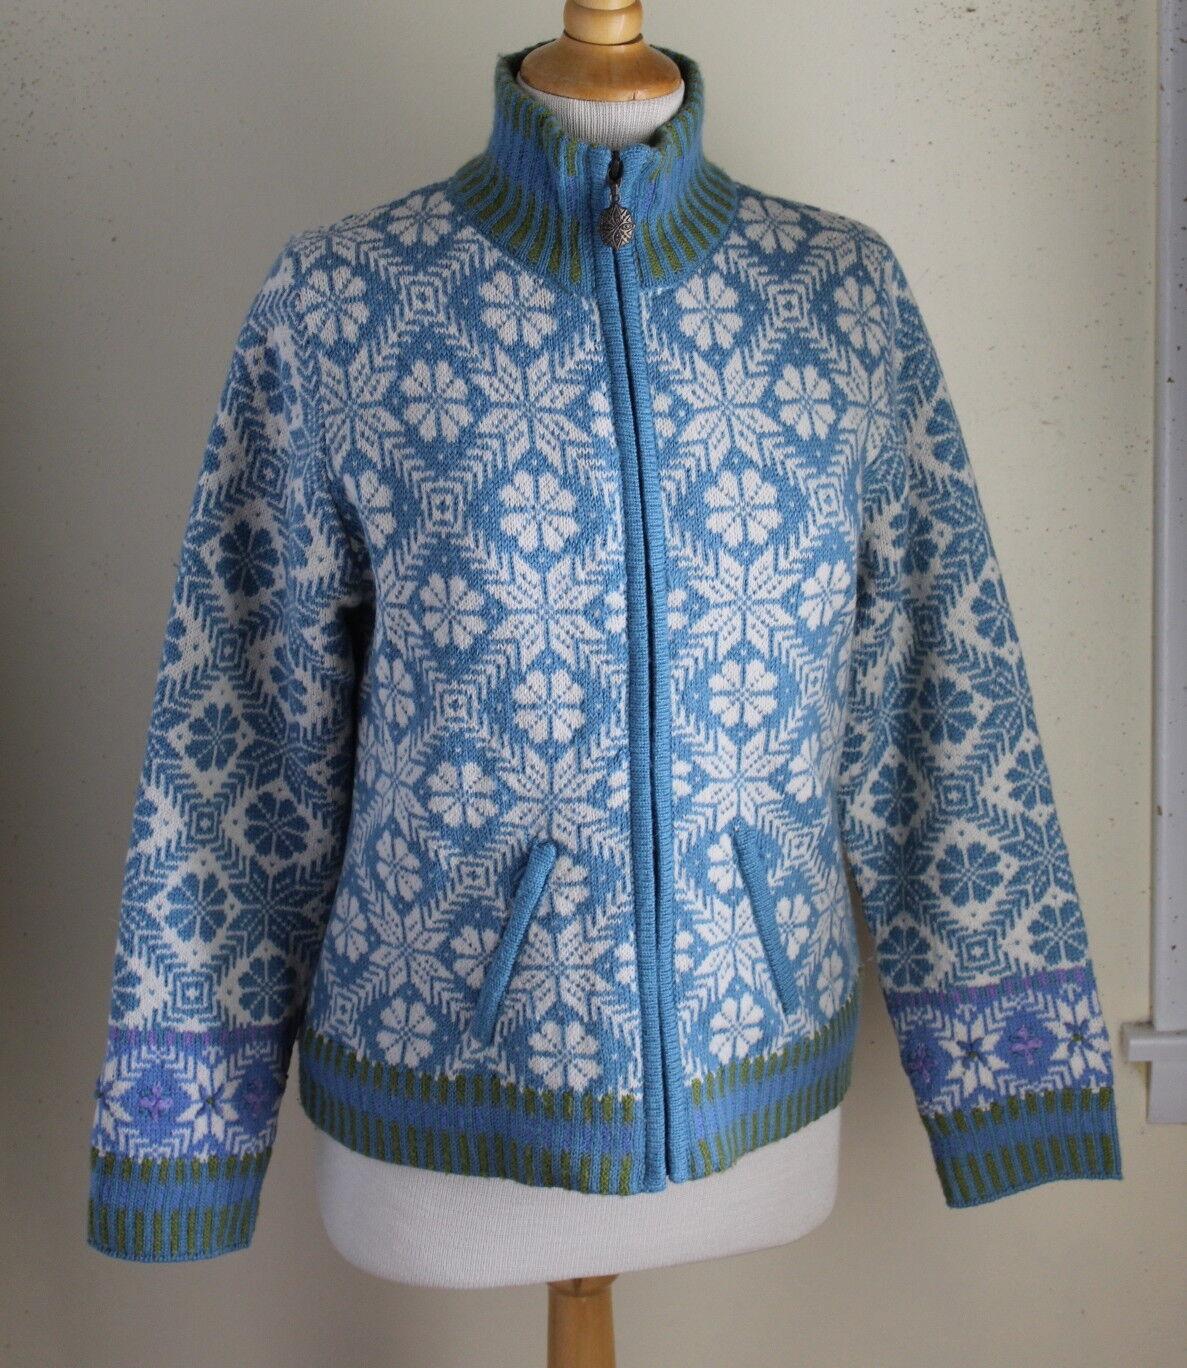 Icelandic Design-Talla S Copo De  Nieve Nórdico Lana arte para llevar Suéter Chaqueta Forrada  Sin impuestos